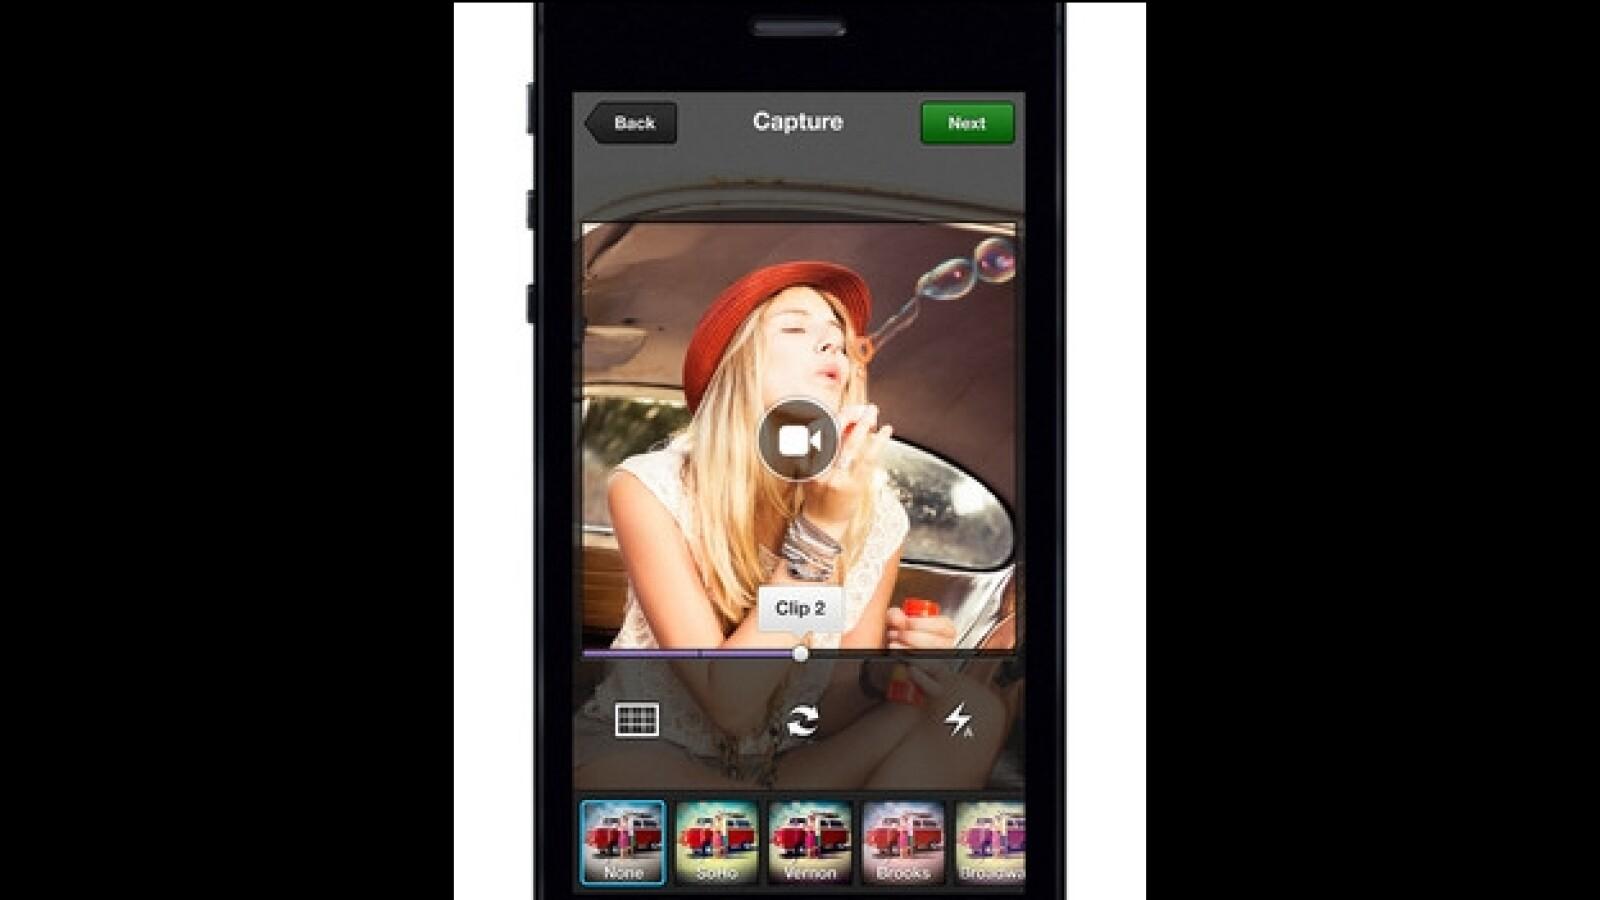 apps de video 5